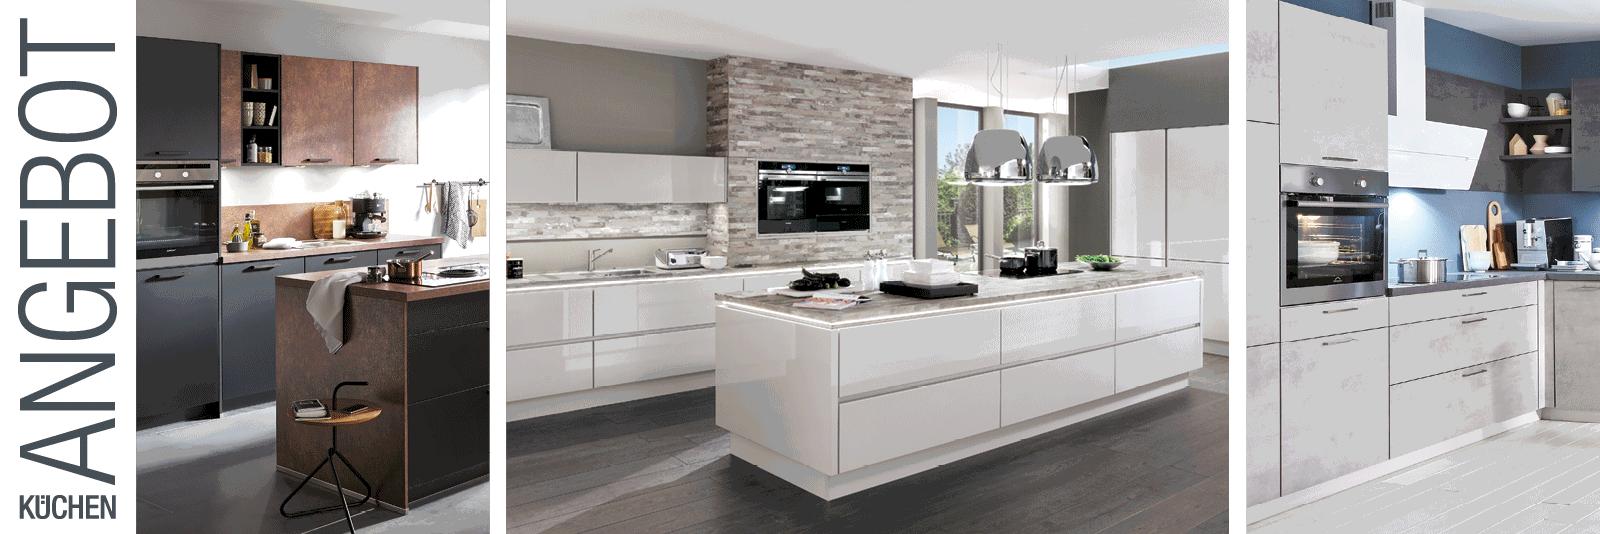 Hausgeräte Elektrogeräte und Küchenstudio | küchenplus electroplus ...